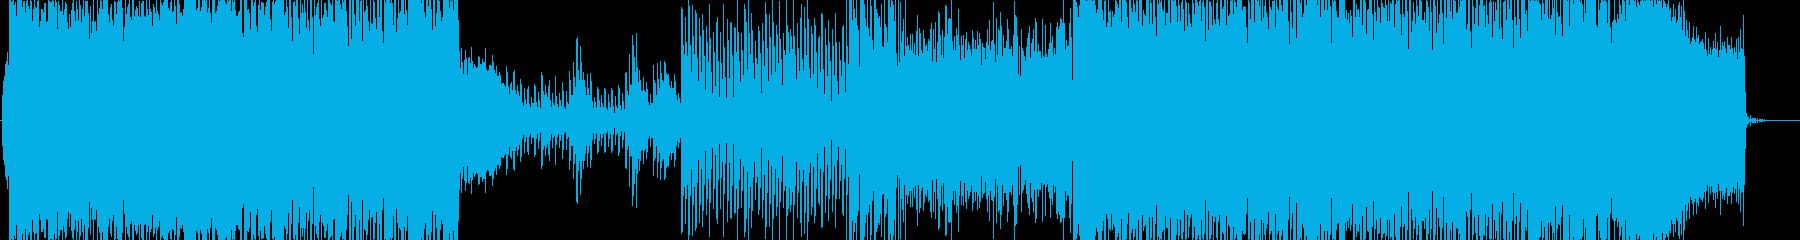 楽しくなるような明るく前向きなBGMの再生済みの波形